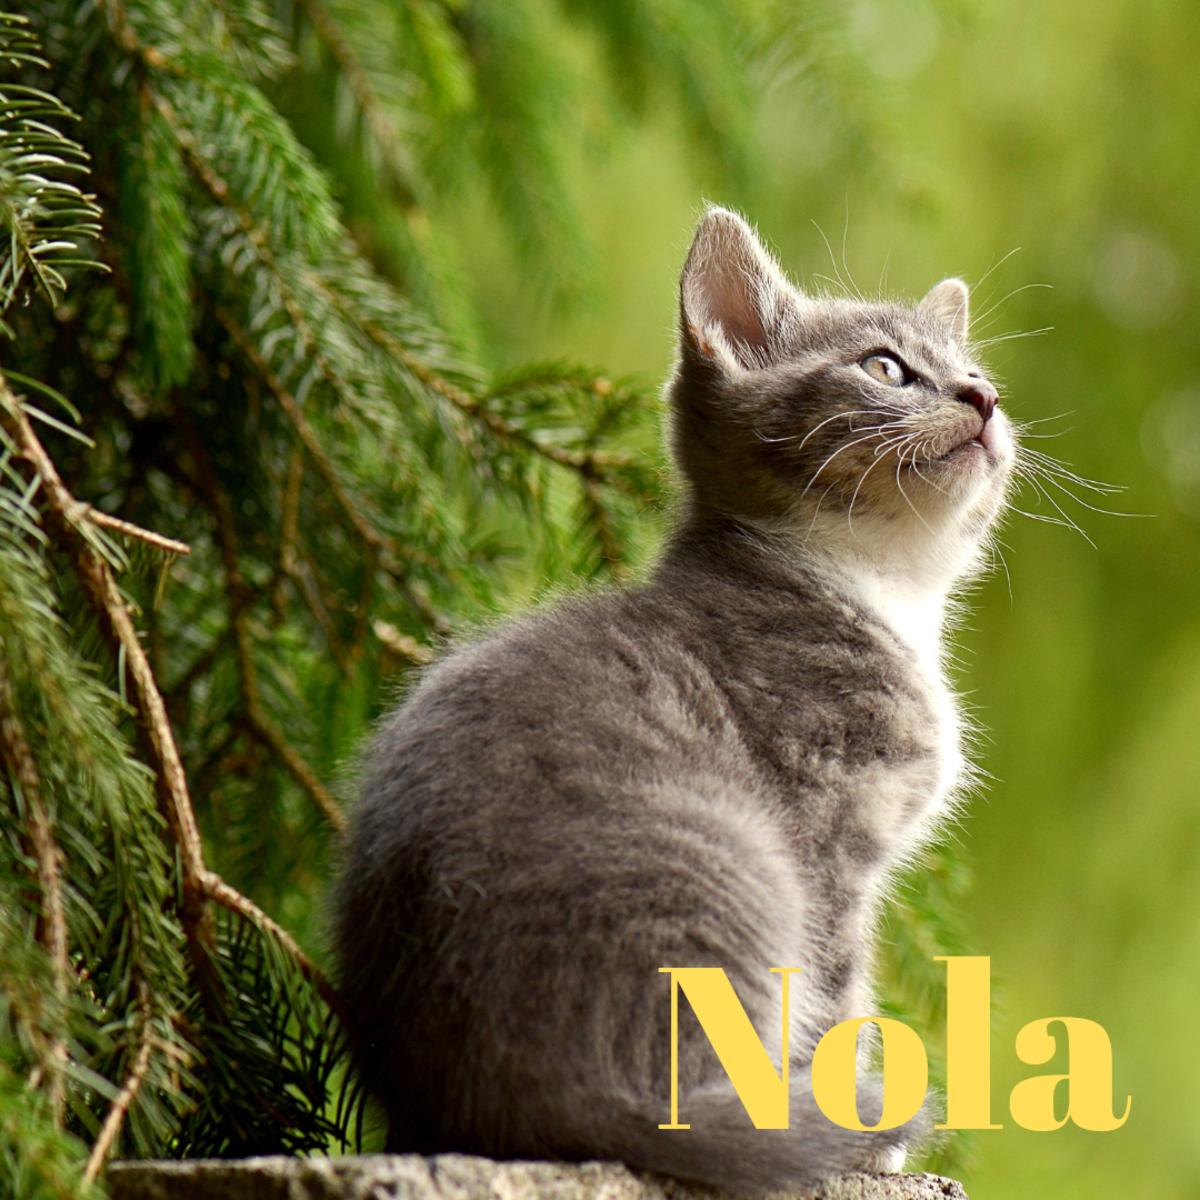 A kitten named Nola